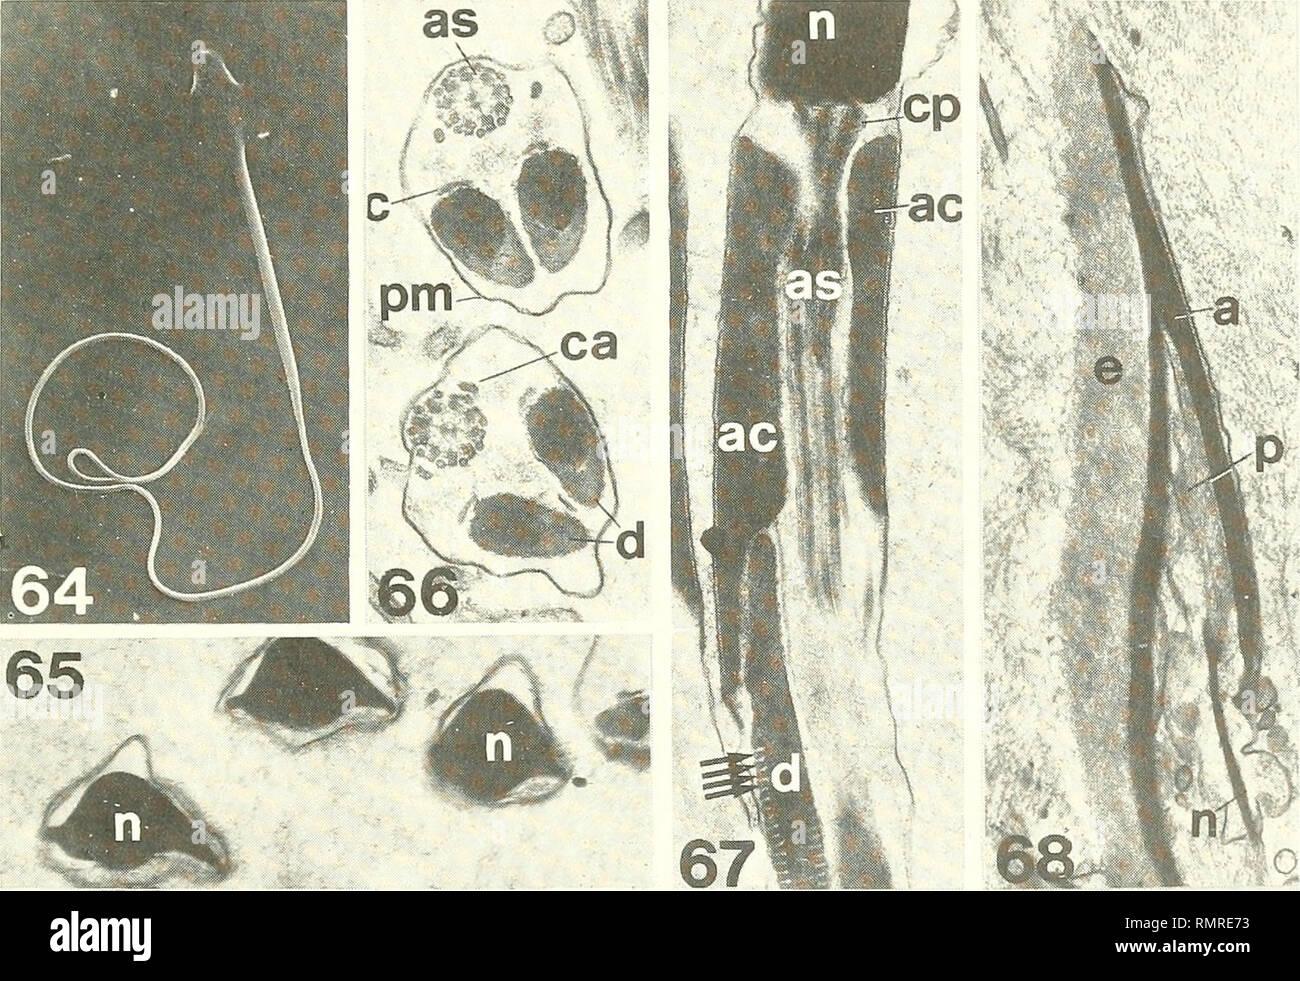 . Annali del Museo civico di storia naturale Giacomo Doria. Natural history. INSETTI ORTOTTKKOIDICI ISOLI-; ( 1 IU'l MSAKI )!•; 445 Uromenus brevicollis insularis Chop. Uromenus confusus insularis Chopard, Ann. Soc. Ent. Fr. 92, p. 266, 279 Uromenus (Bolivarius) brevicollis insularis, Harz, 1969, Orth. Europ., I, p. 573 Is. Budelli, 10-7-1990, 1 3 Is. Maddalena, Spalmatone, 18-6-1989, 1 3 ninfa Is. Tavolara, strada, 29-7-1986, 1 e?, 1 ? Is. Serpentara, 7-7-1990, 1 ? Is. S. Antioco, Su Pruini, 11-5-1988, 1 neanide; Spiaggia Coaquaddus, 12-5-1988, 1 neanide; Canai, 12-5-1988, 1 neanide; Cala Lun Stock Photo